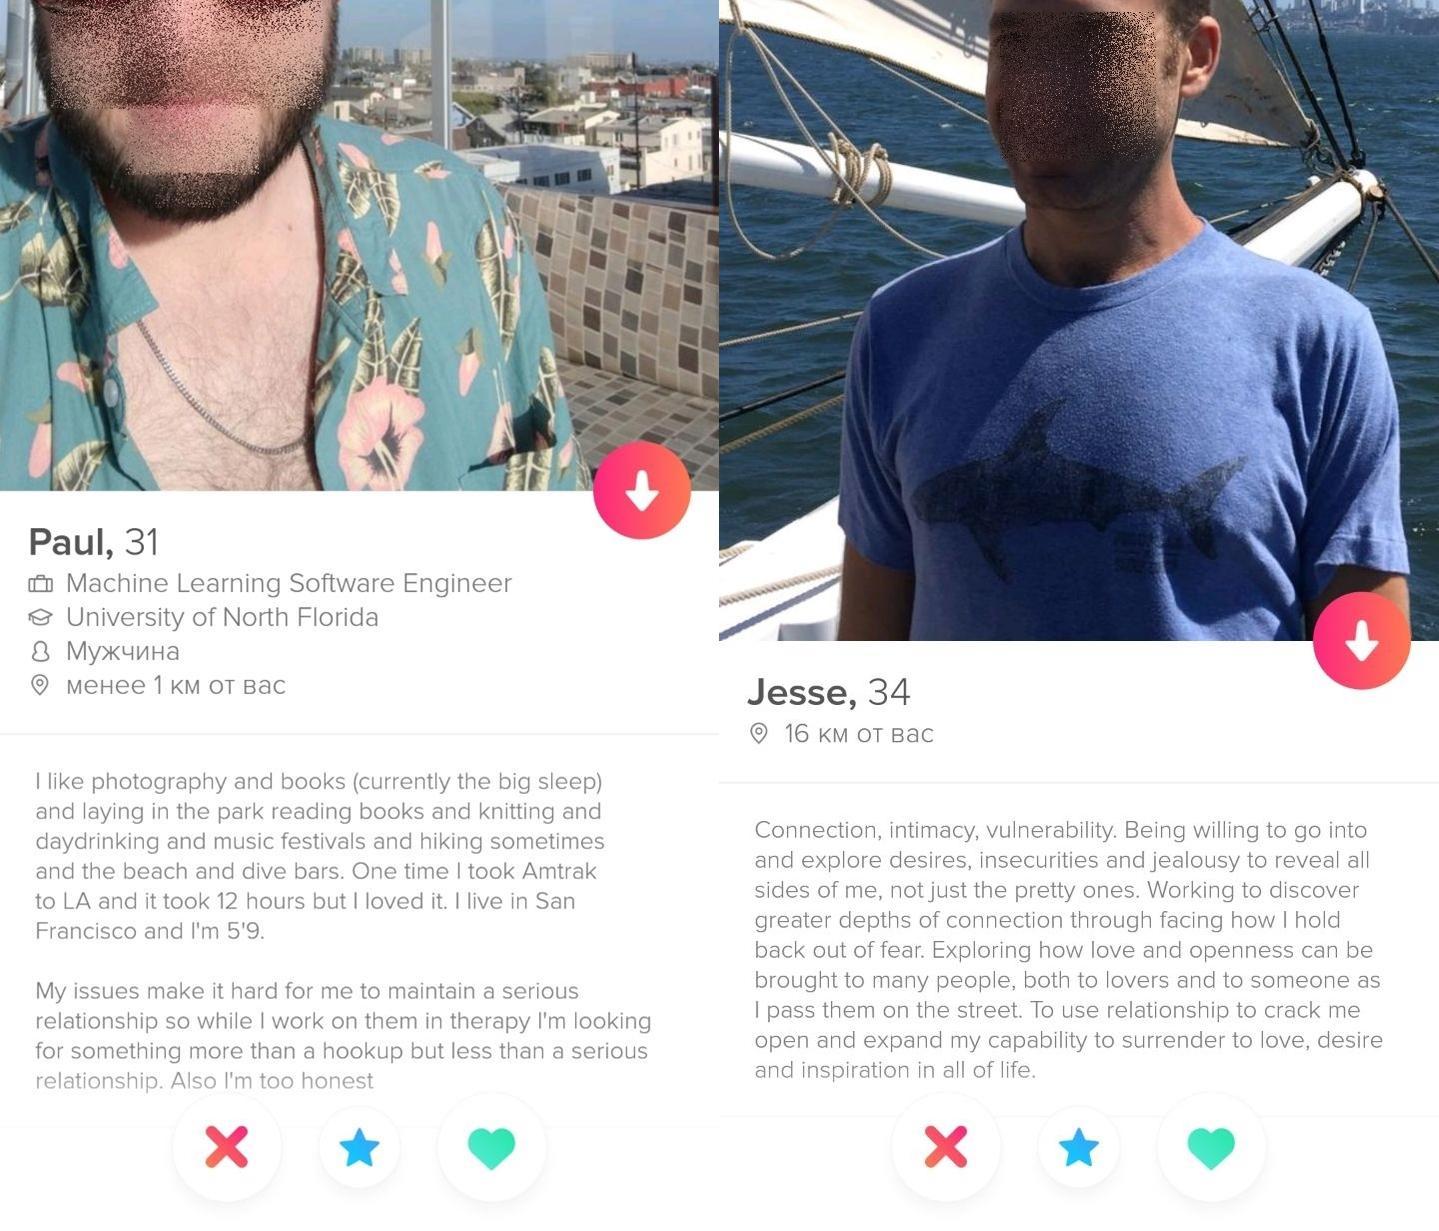 фото «Крокодилам не писать»: жительница Новосибирска рассказала об опыте онлайн-свиданий в популярном приложении для секс-знакомств Tinder 12